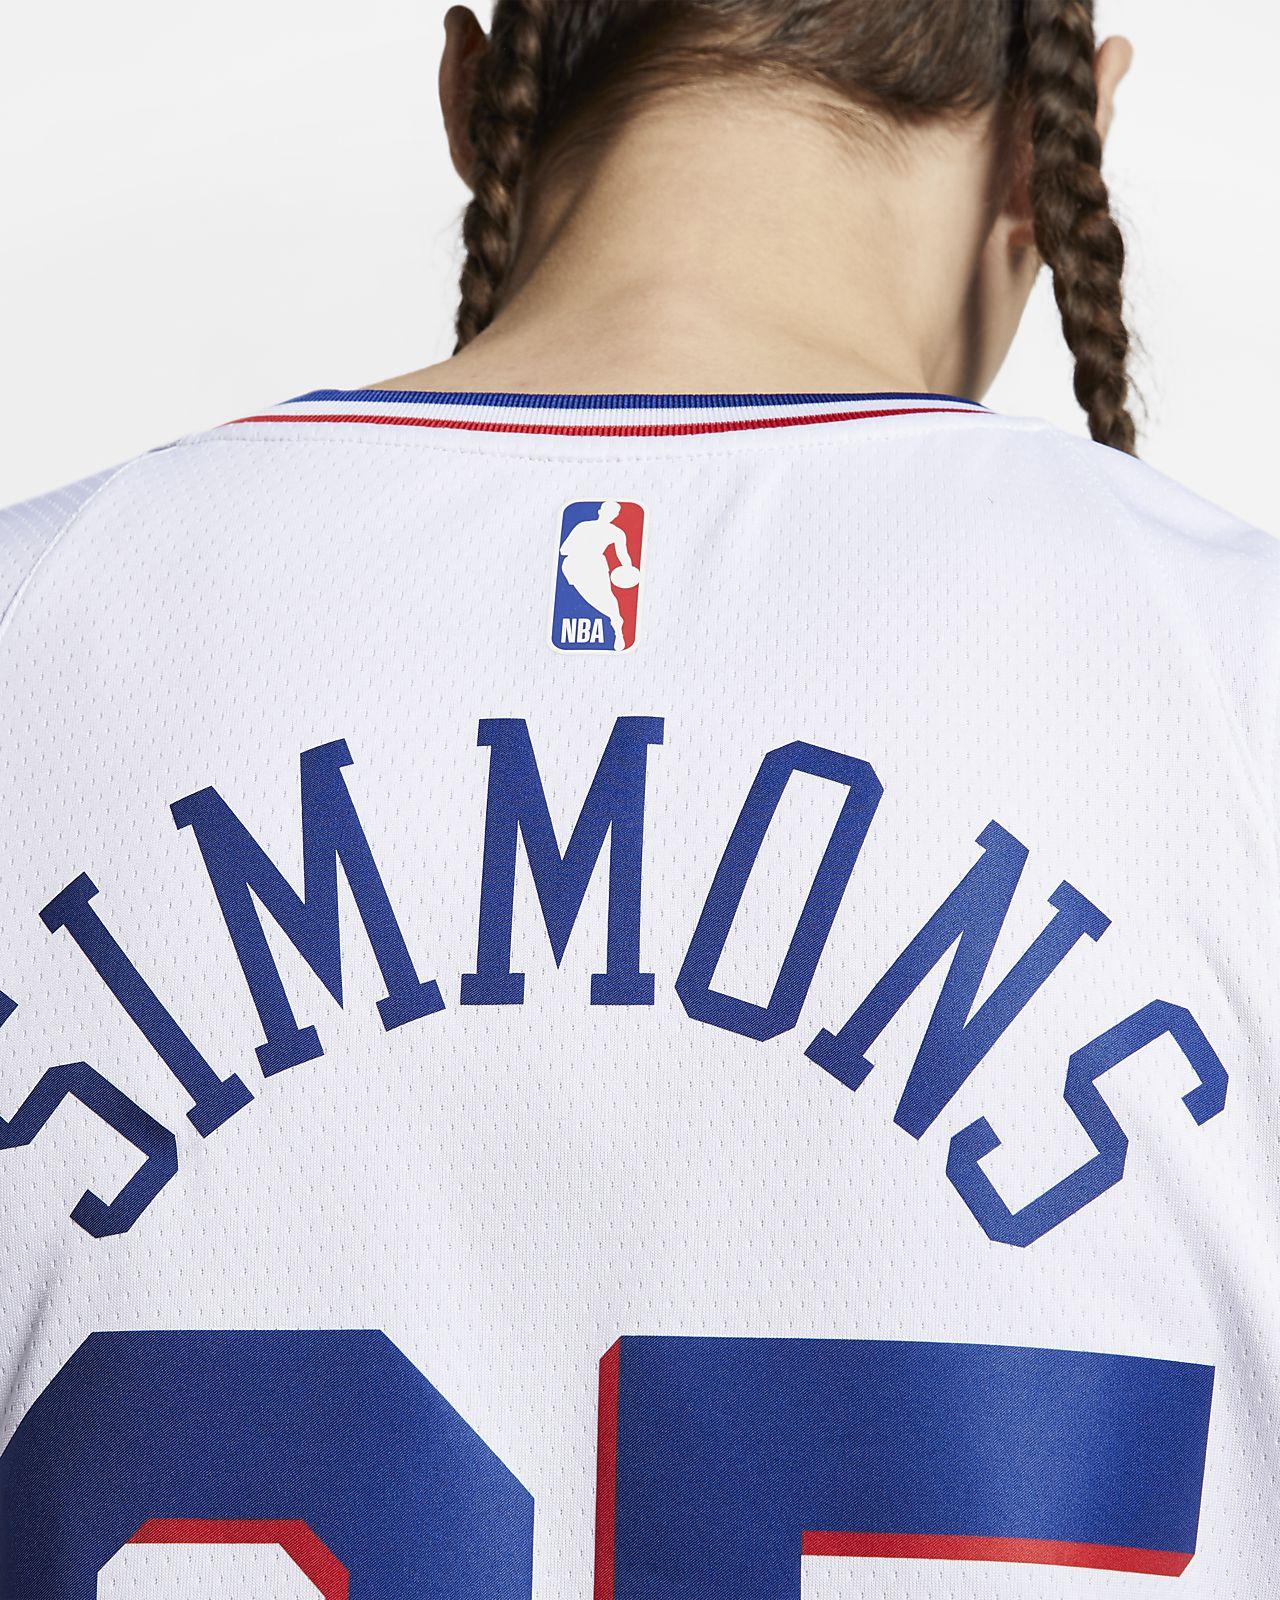 059e8e3ff ... Ben Simmons Earned City Edition Swingman (Philadelphia 76ers) Men s Nike  NBA Connected Jersey